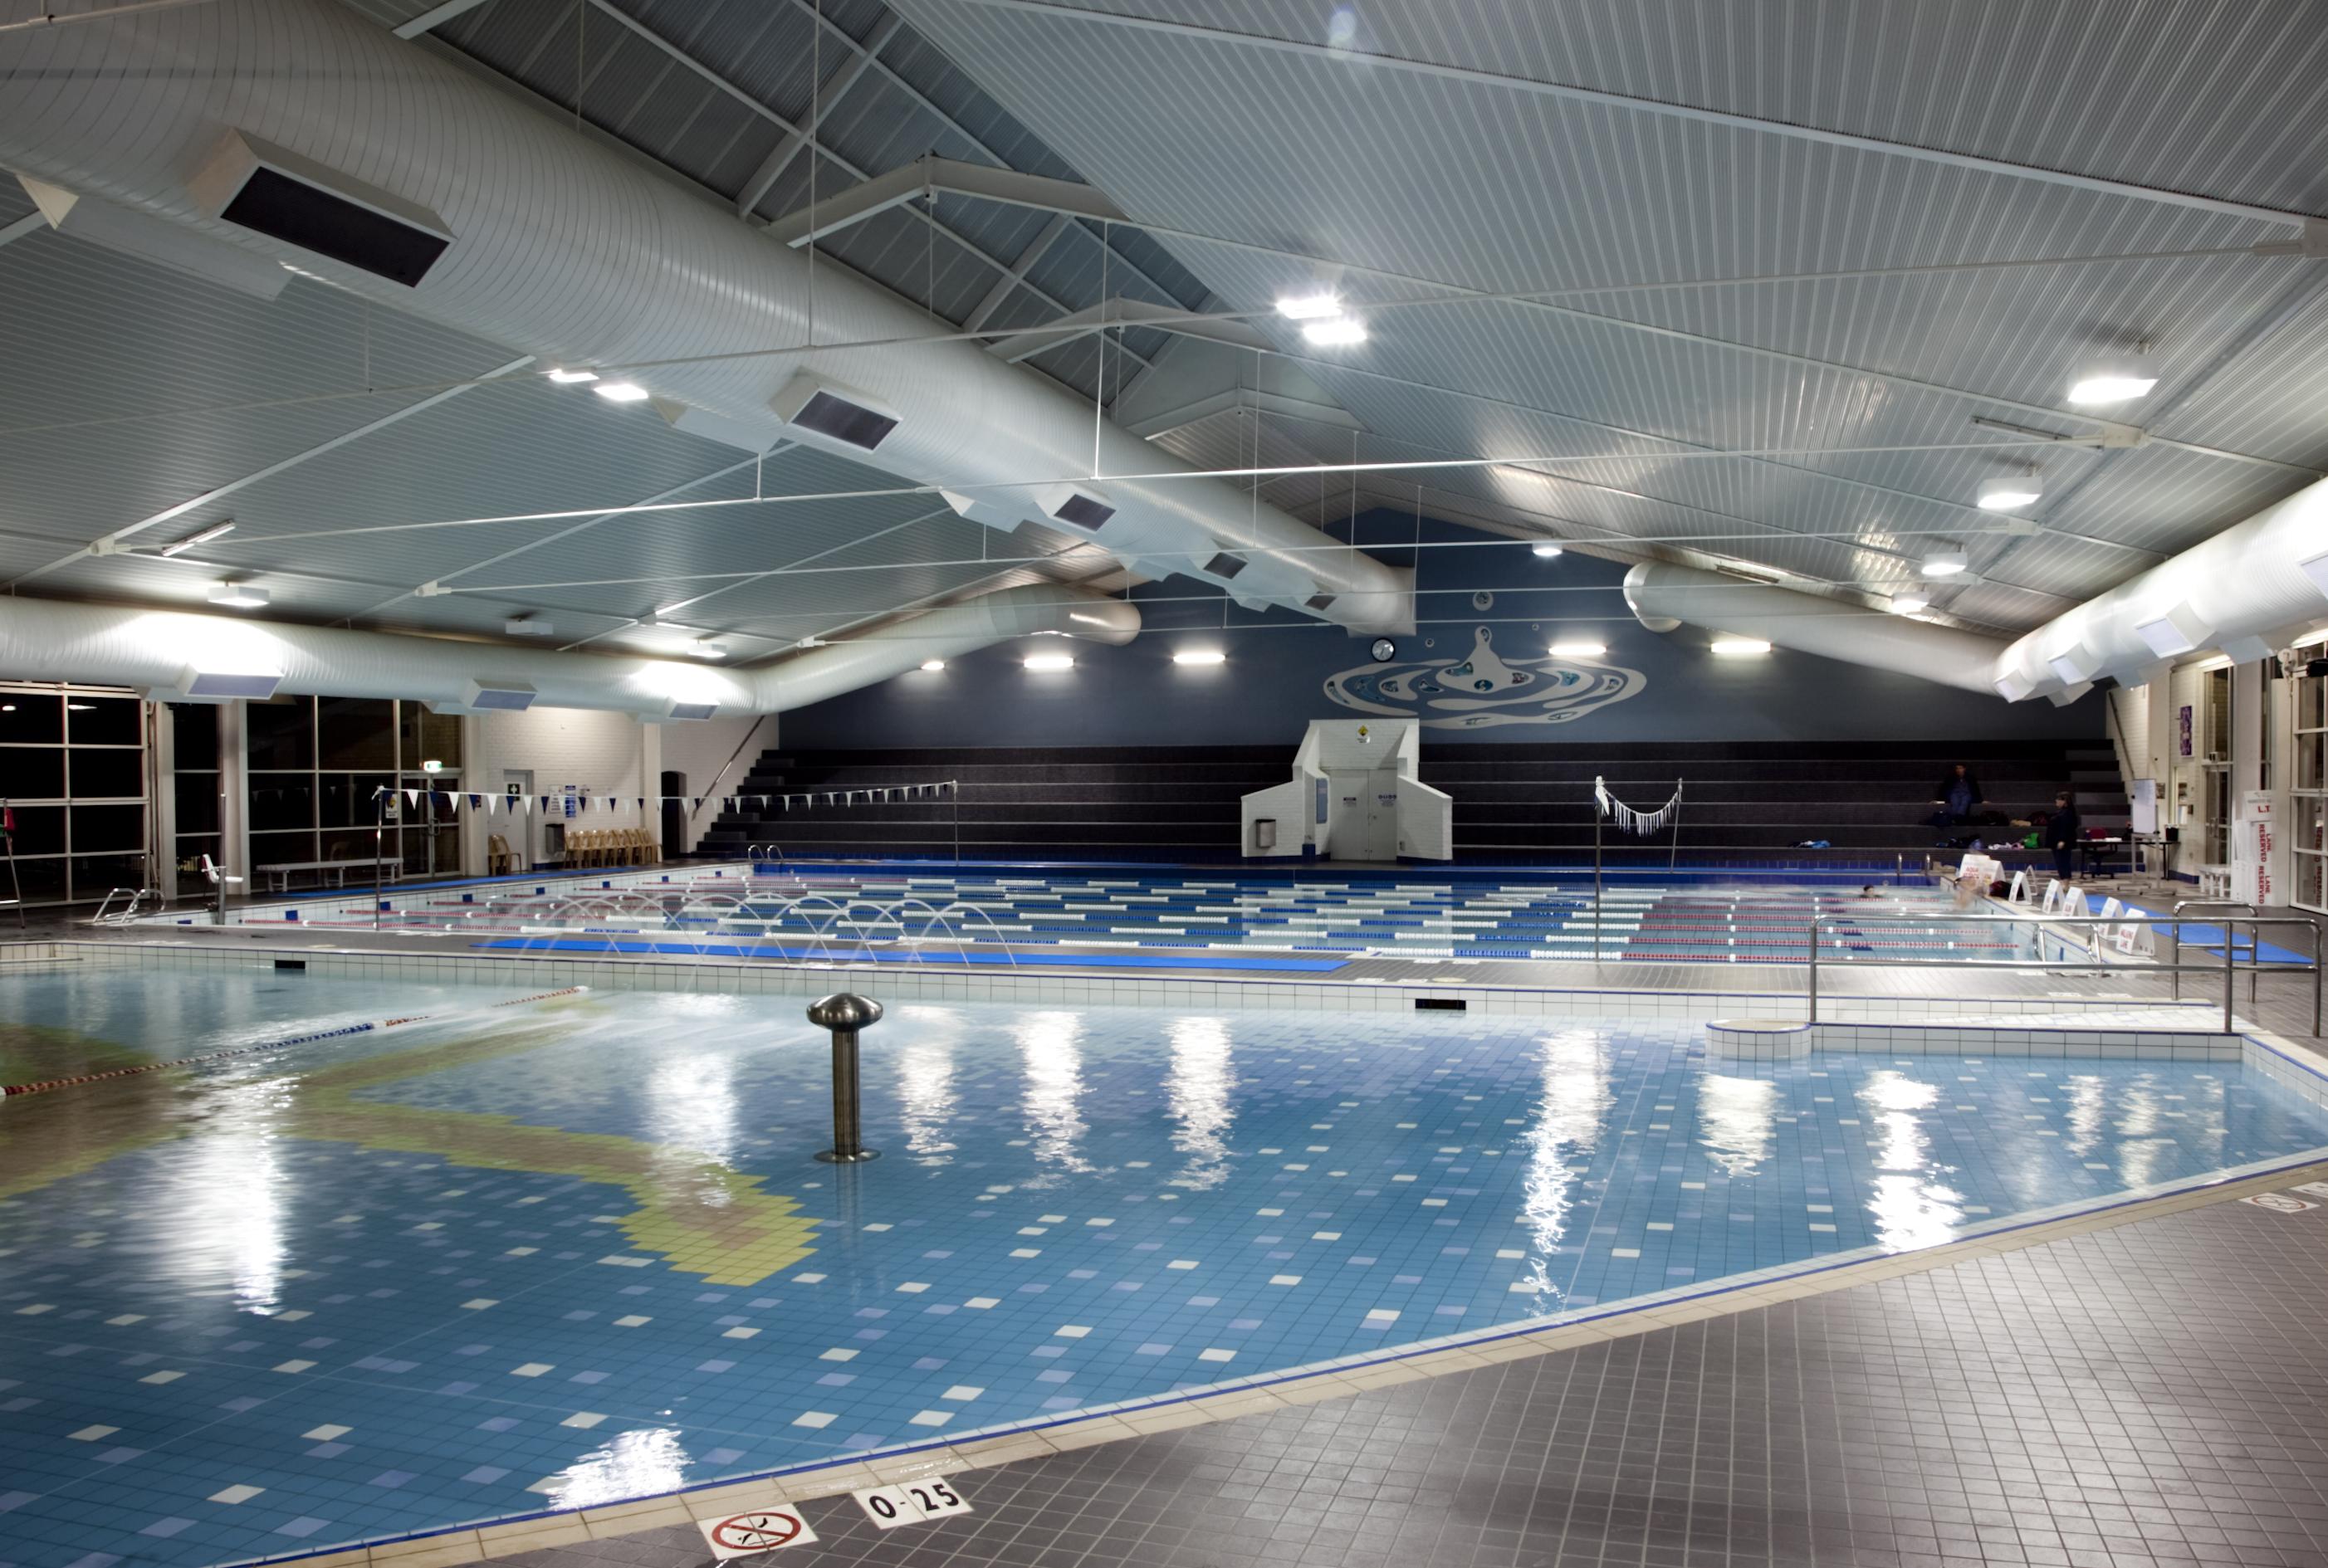 سباحة مركز أكواموتيون - منتجع كورشوفيل في فرنسا